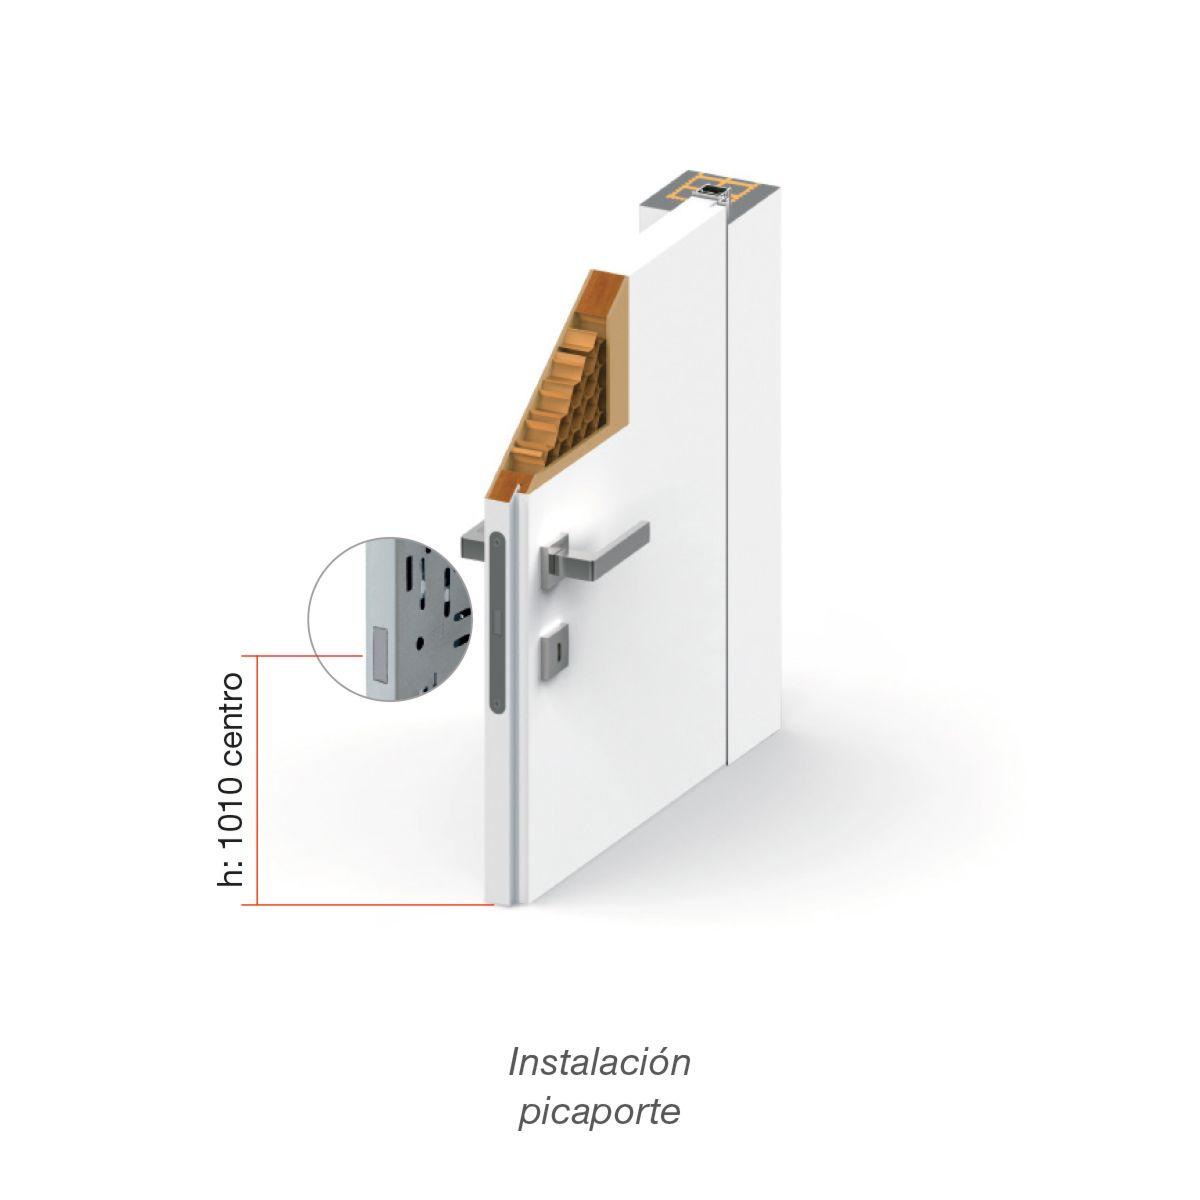 Packed Block Marco oculto y puerta abatible enrasada de apertura reversible